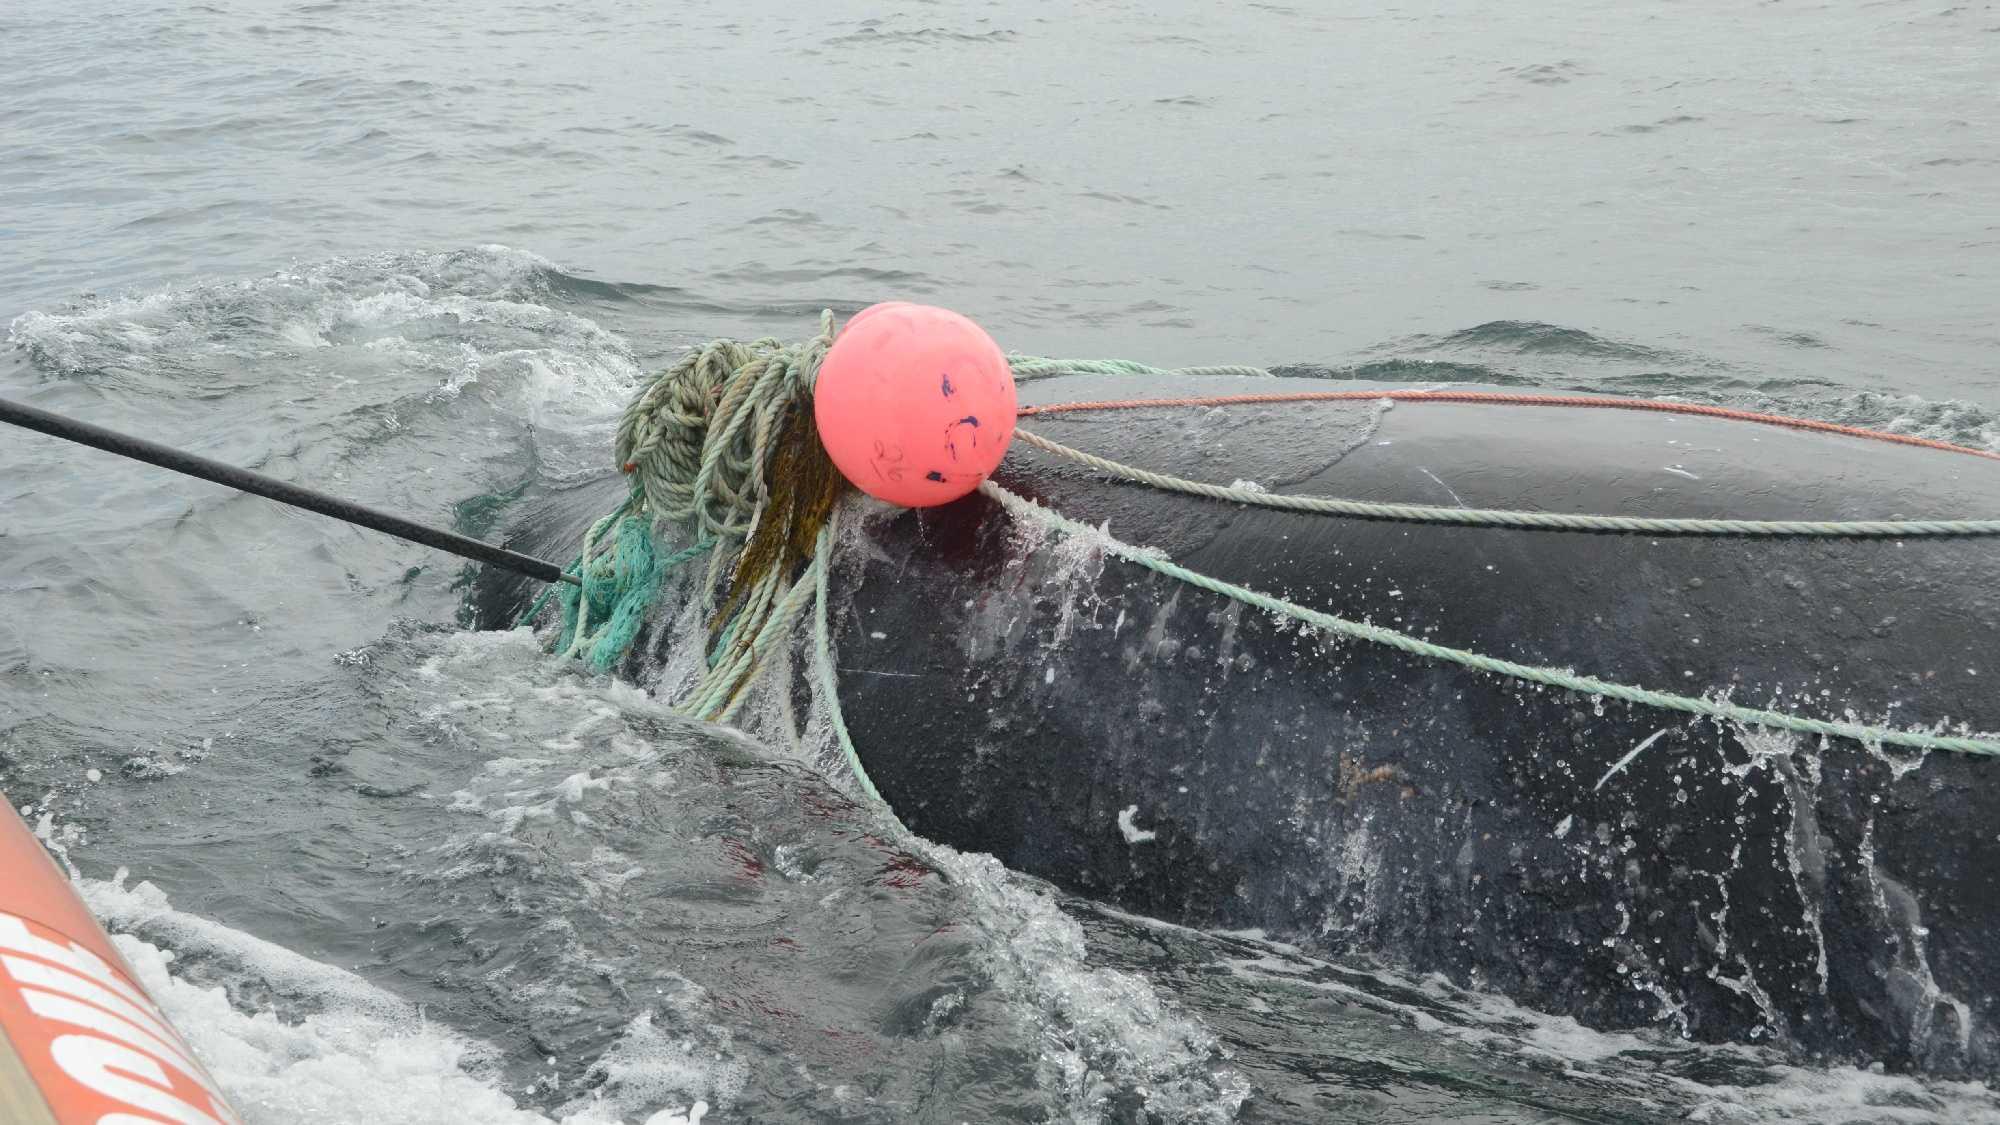 CREDIT: Campobello Whale Rescue